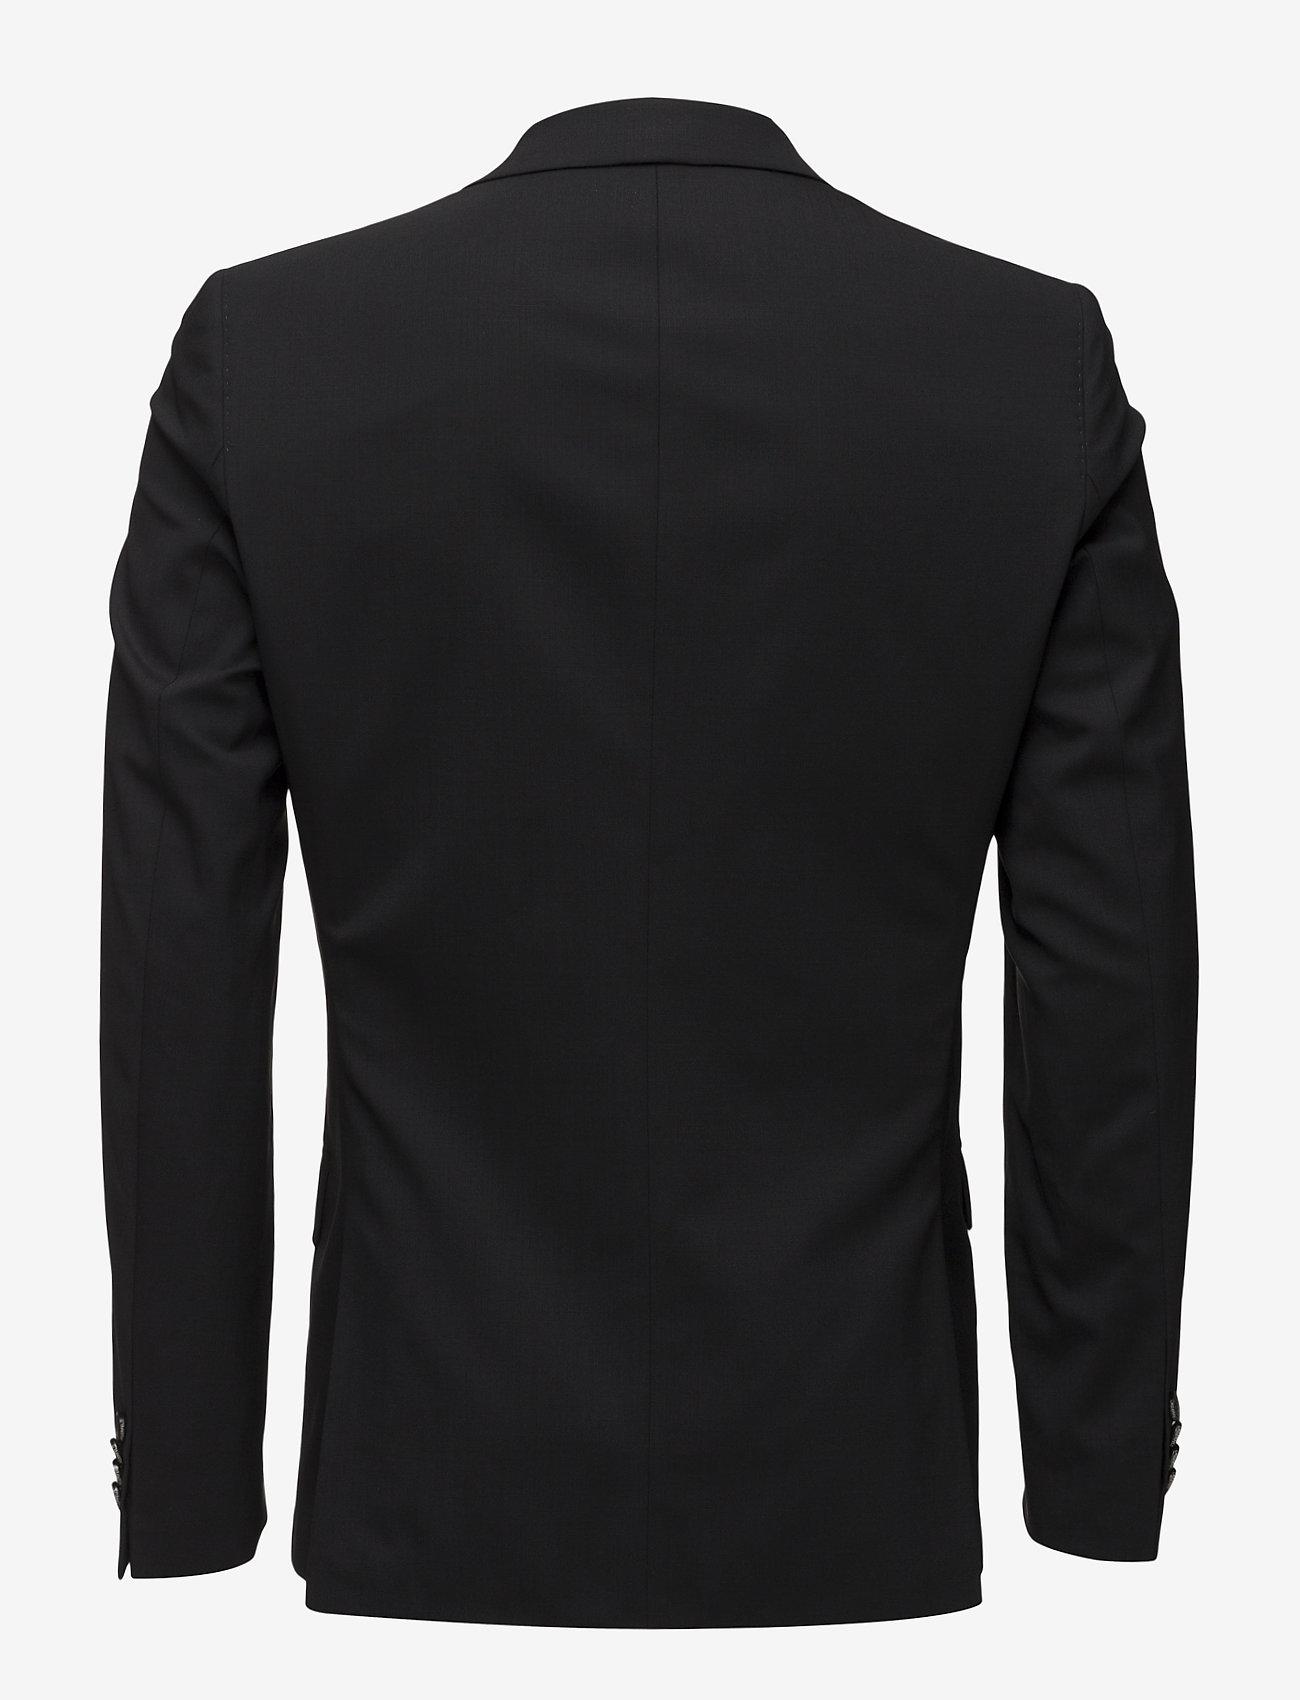 Lagerfeld JACKET CLEVER - Dresser & blazere 990-BLACK - Menn Klær